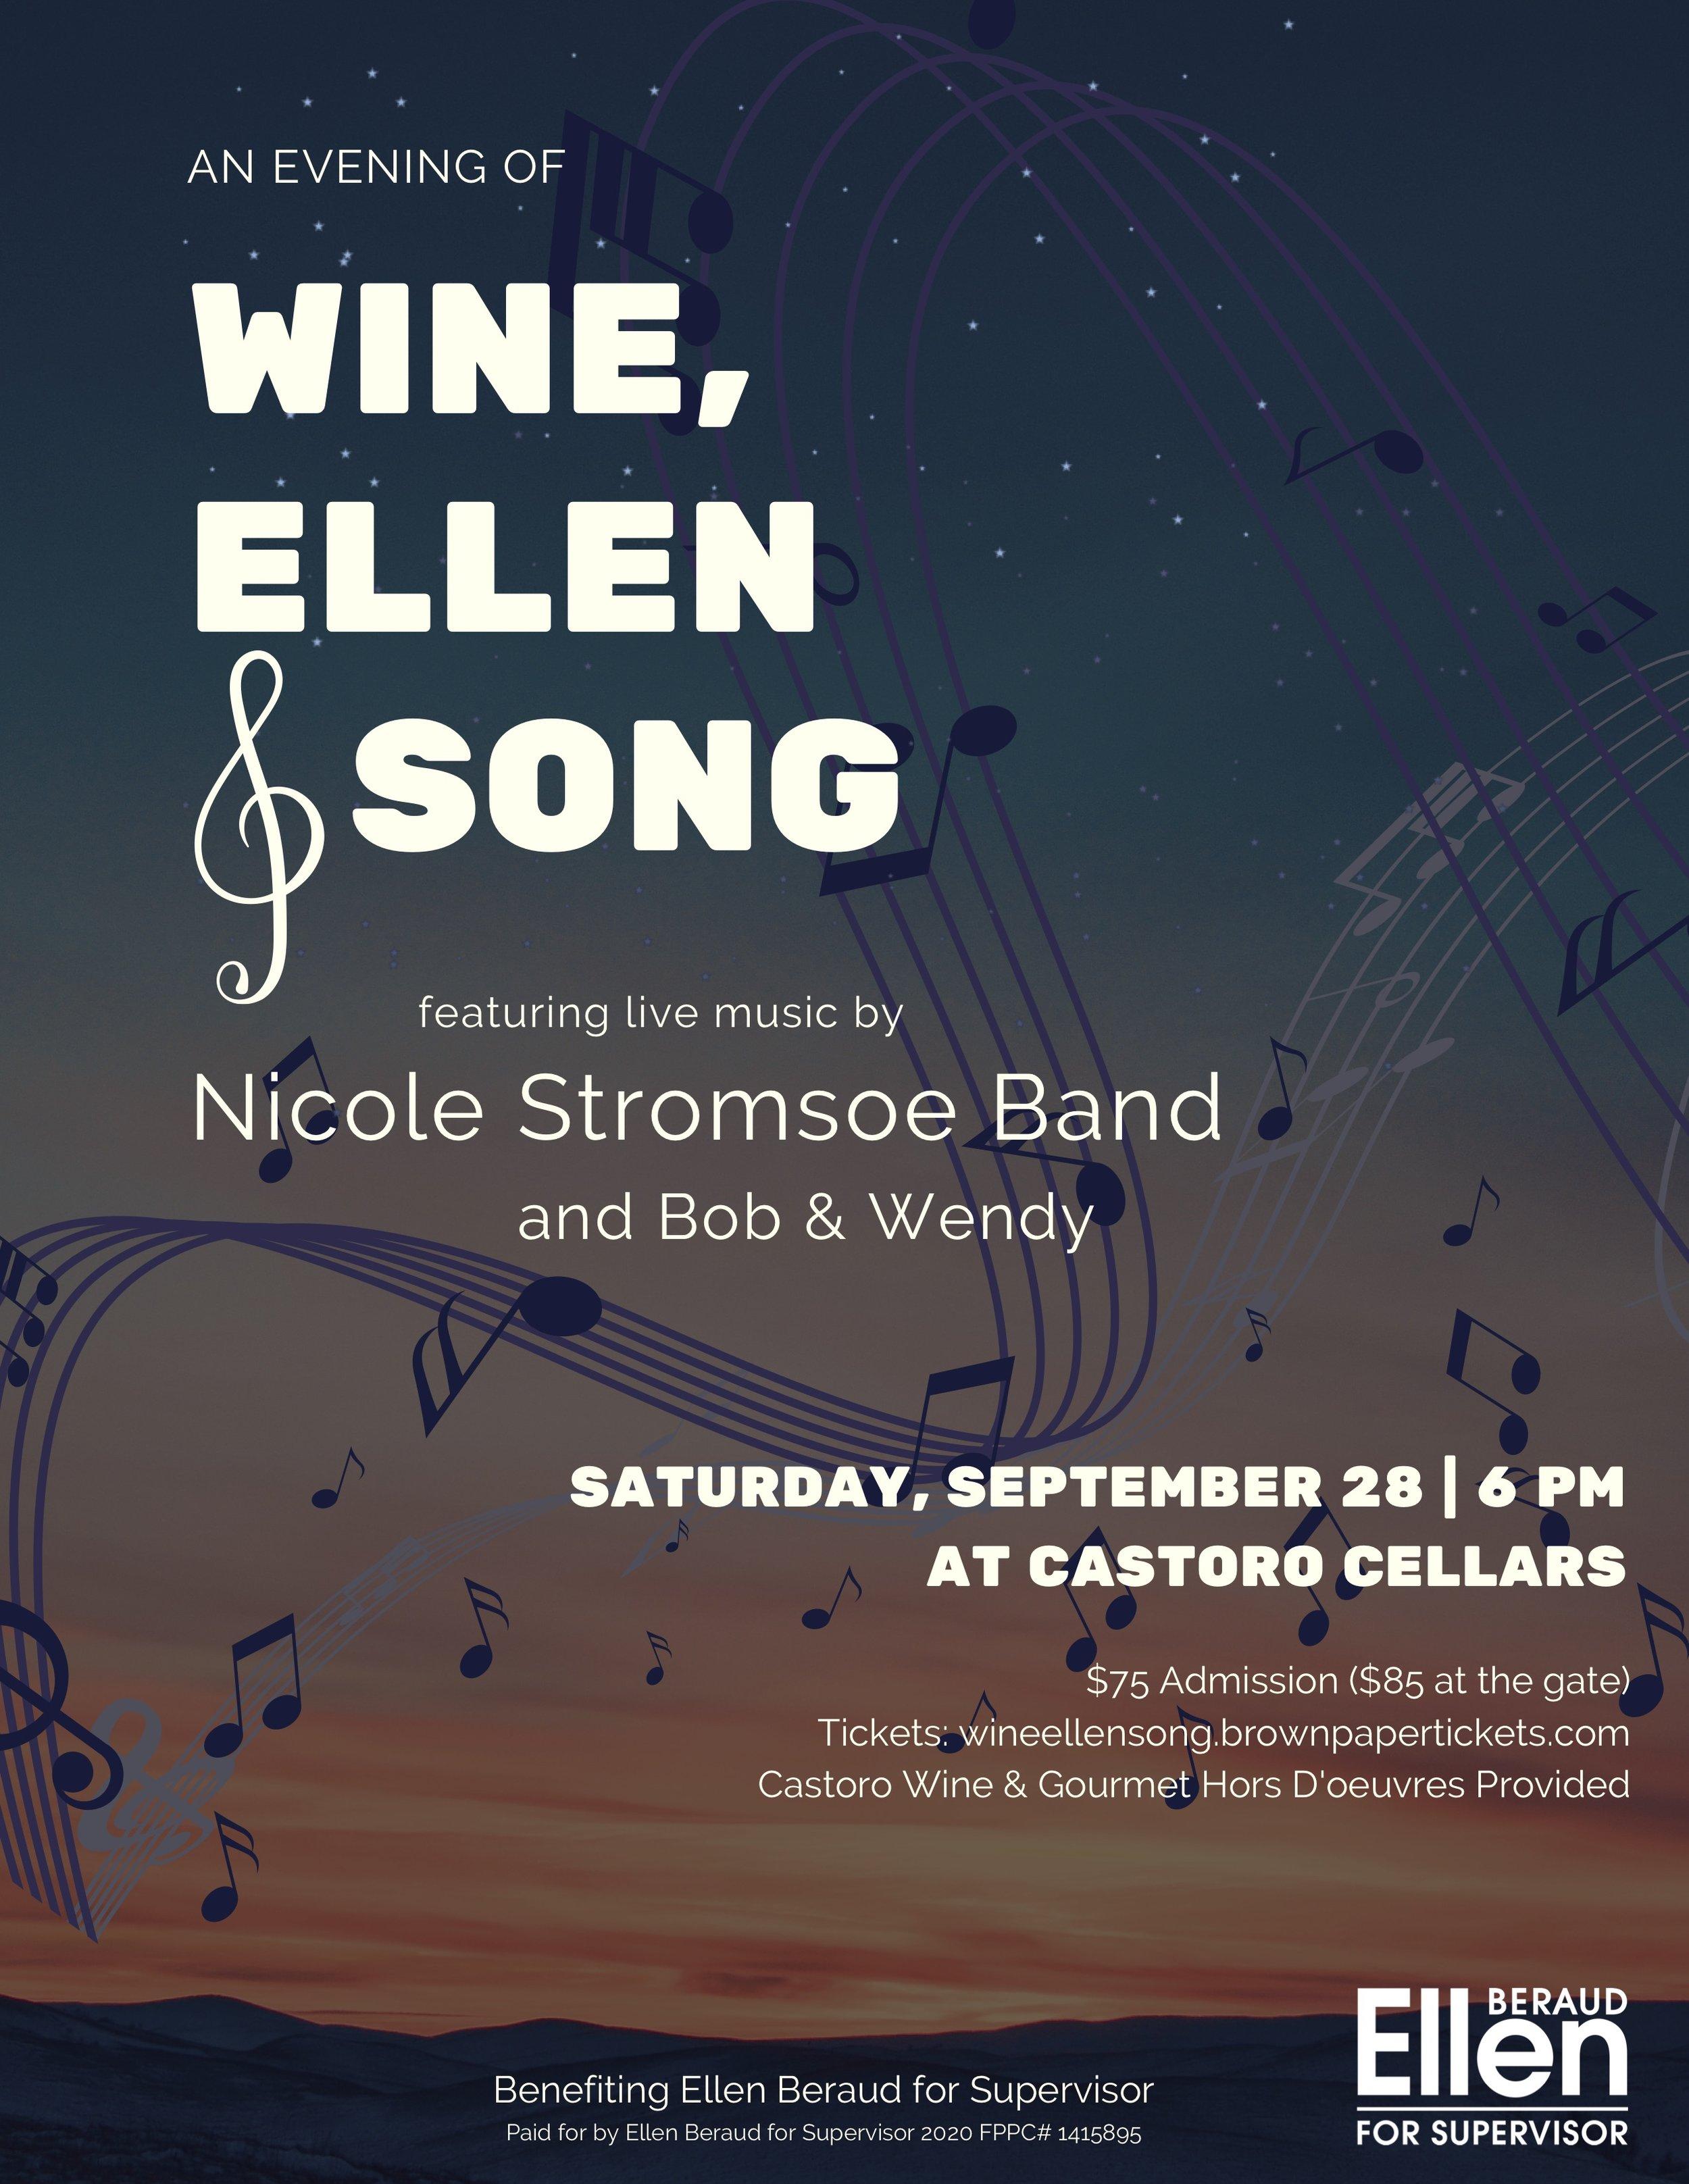 Wine Ellen & Song - Poster 8.5x11.jpg